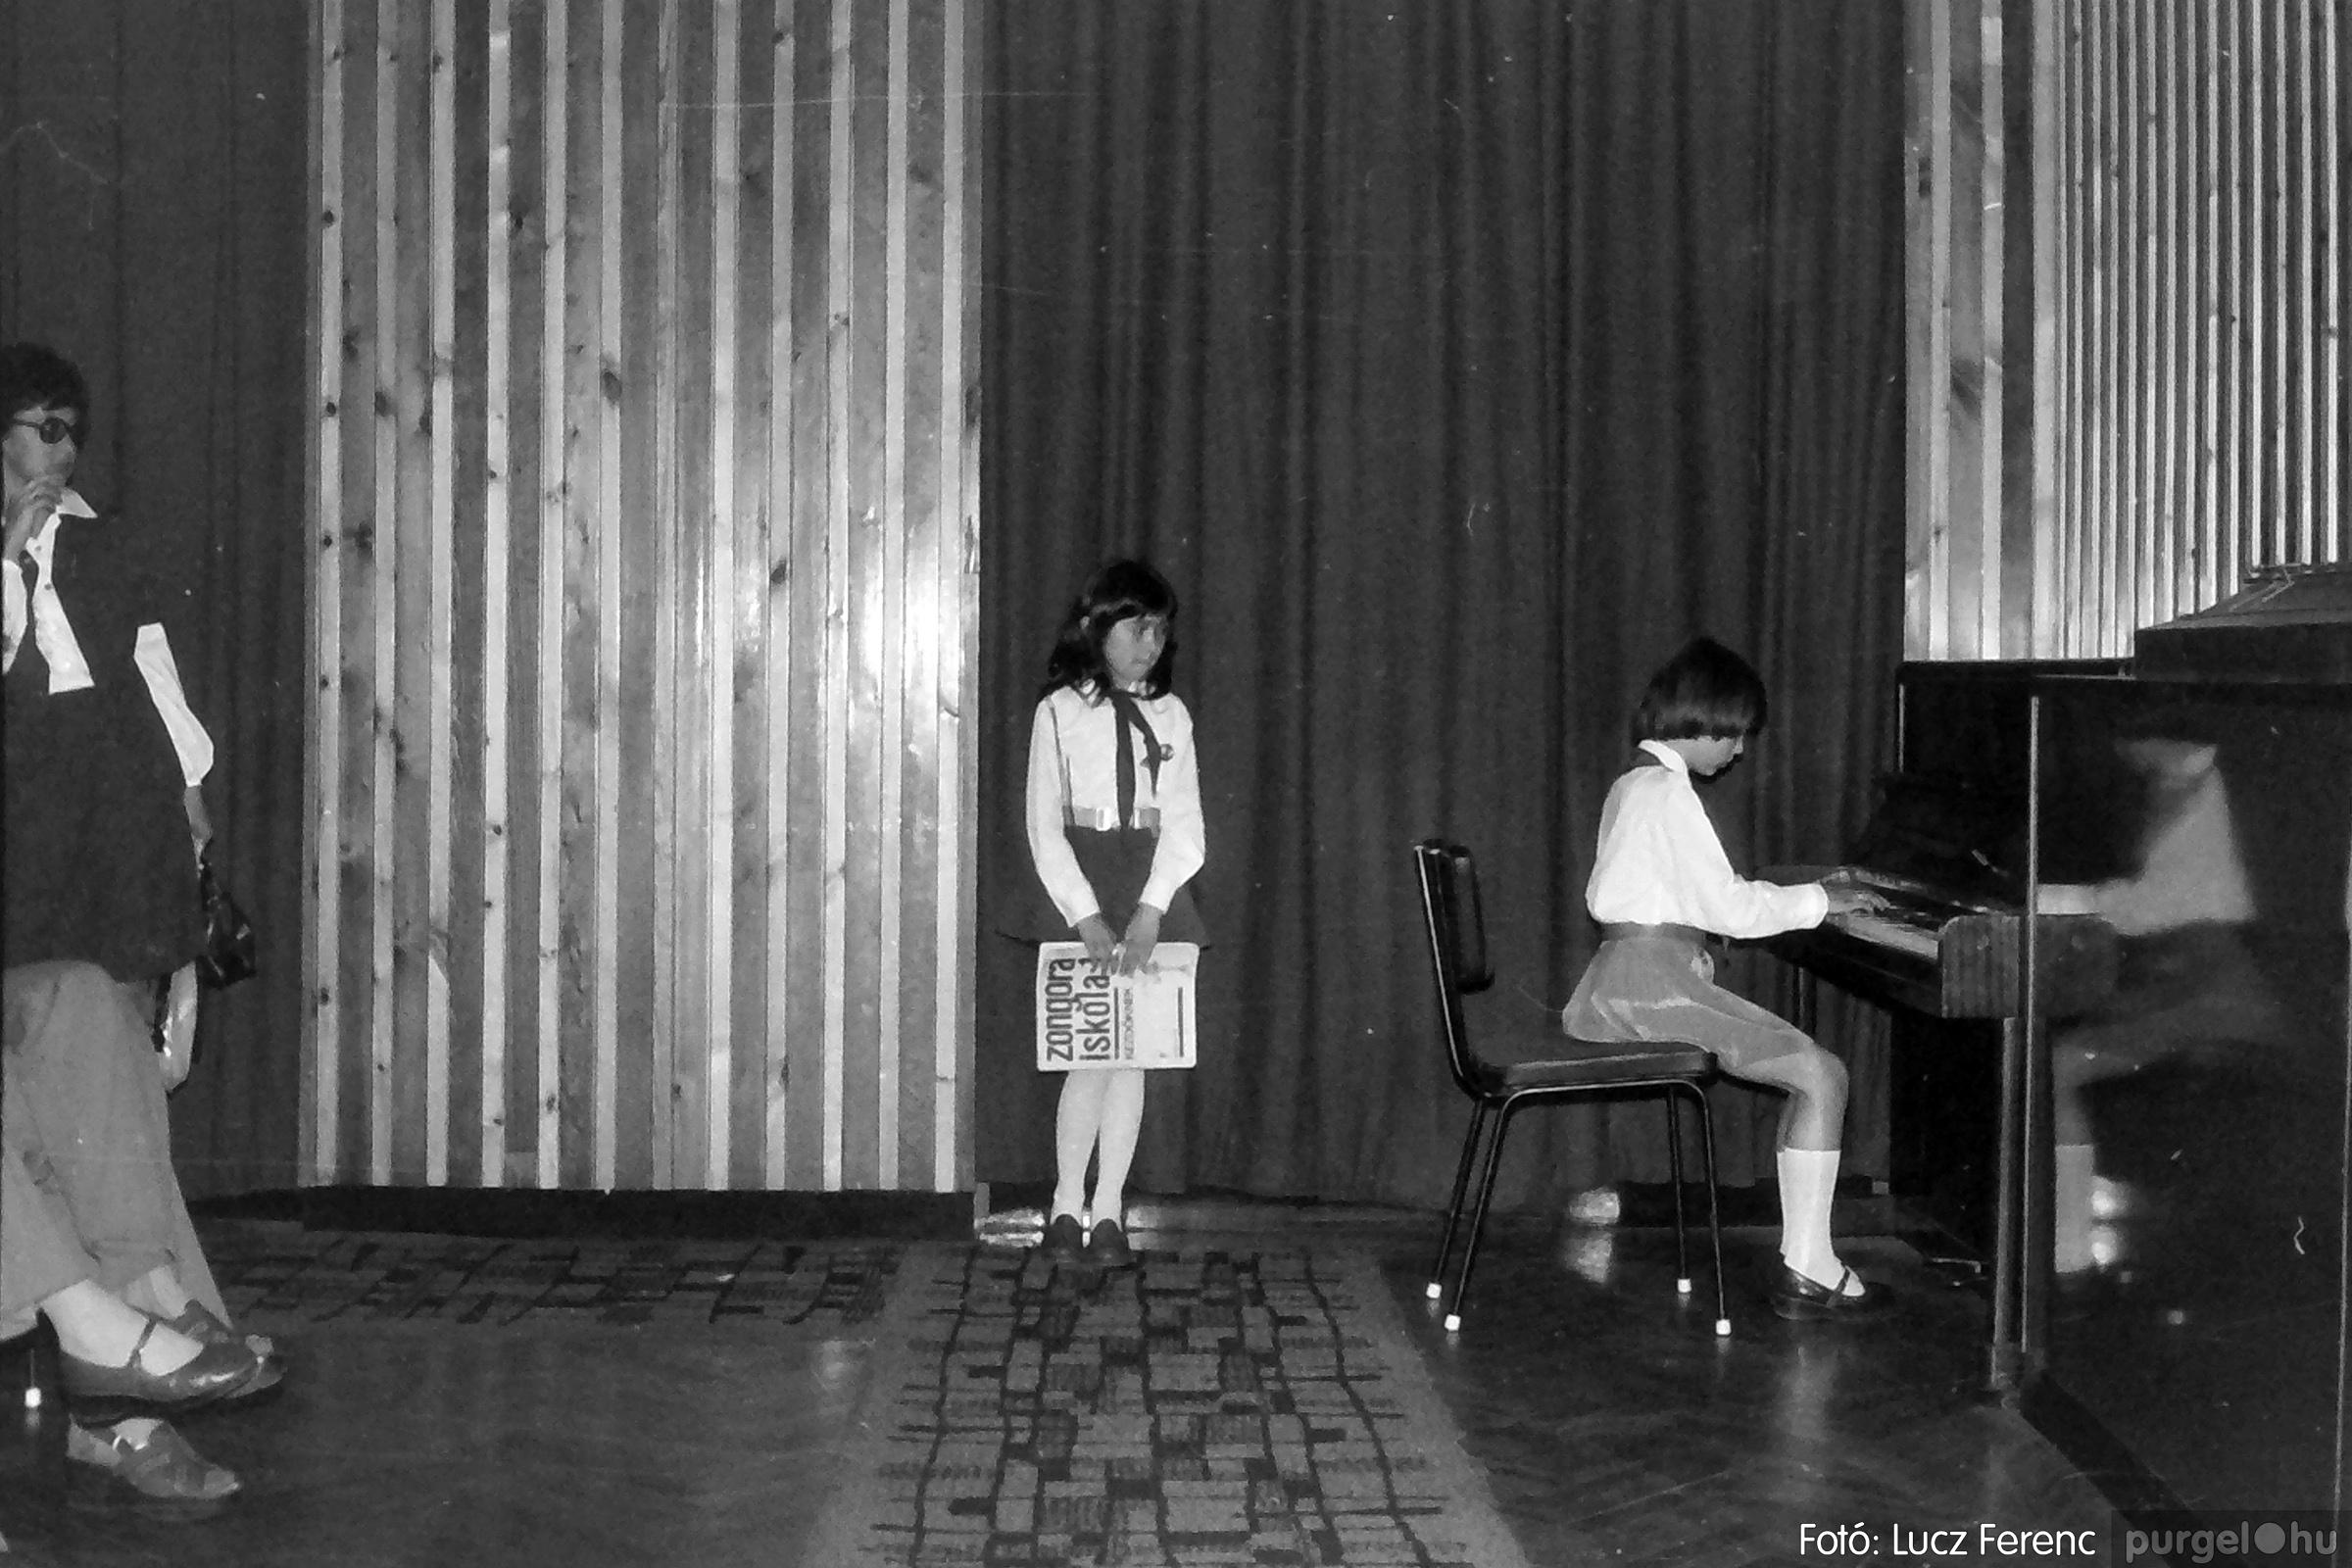 076. 1977. Iskolások fellépése a kultúrházban 024. - Fotó: Lucz Ferenc.jpg